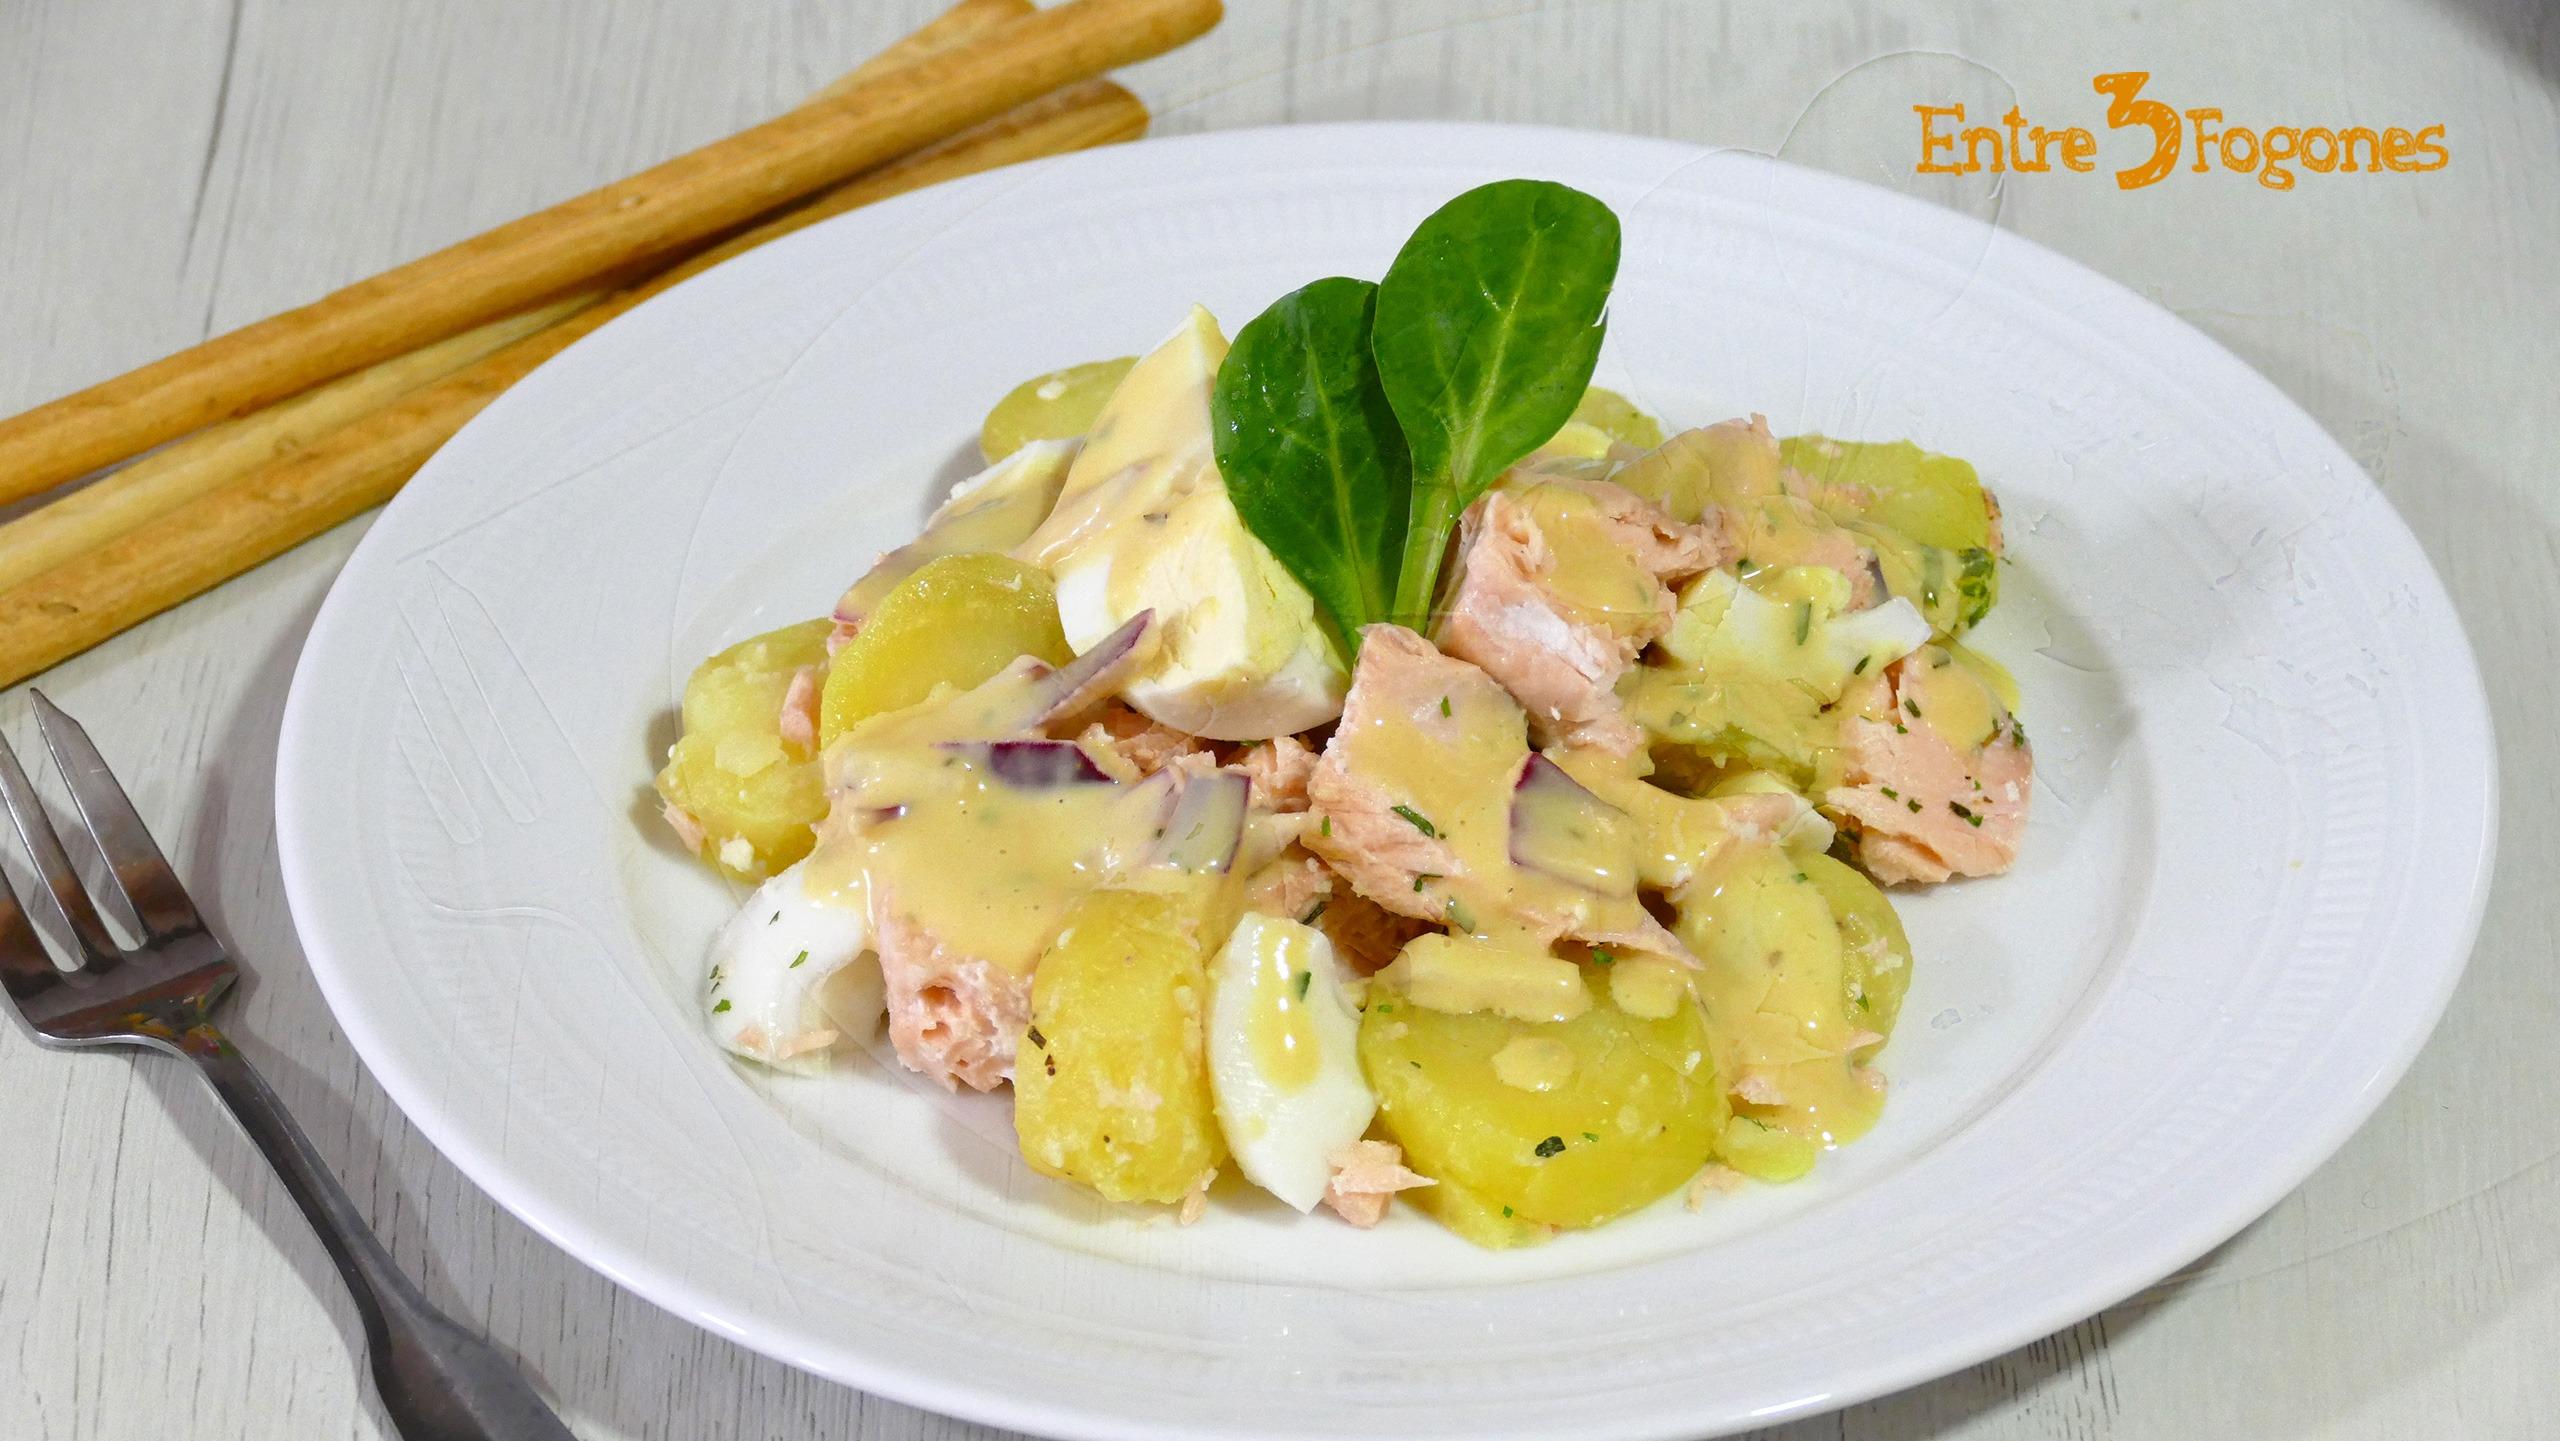 Ensalada de Patata y Huevo con Salmón Fresco Cook Expert